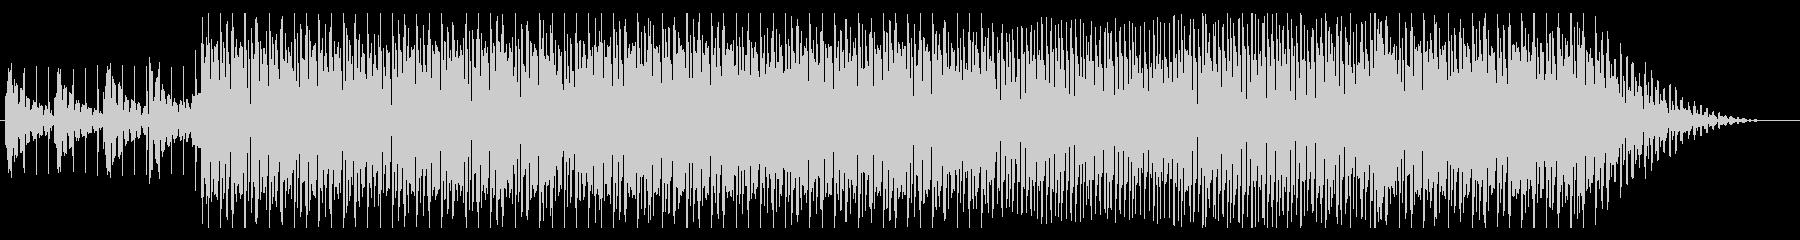 アンニュイなBGM 02の未再生の波形